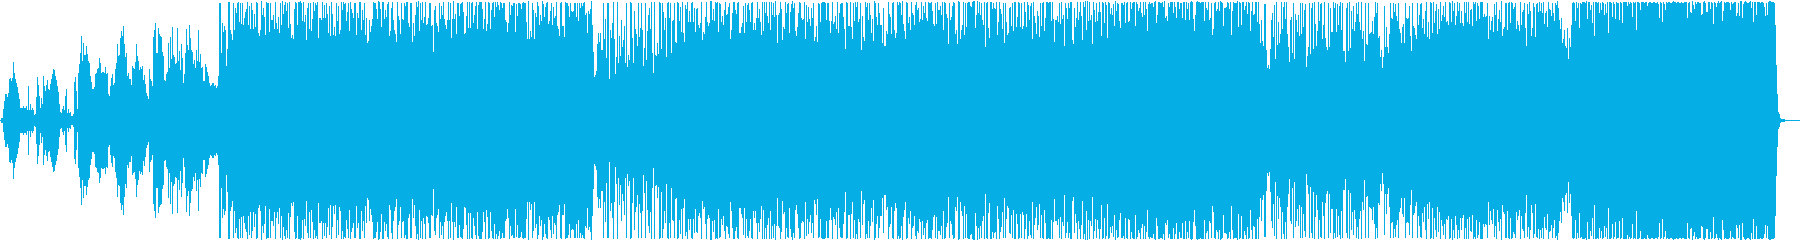 ジャズとファンクの融合。ファンクな...の再生済みの波形